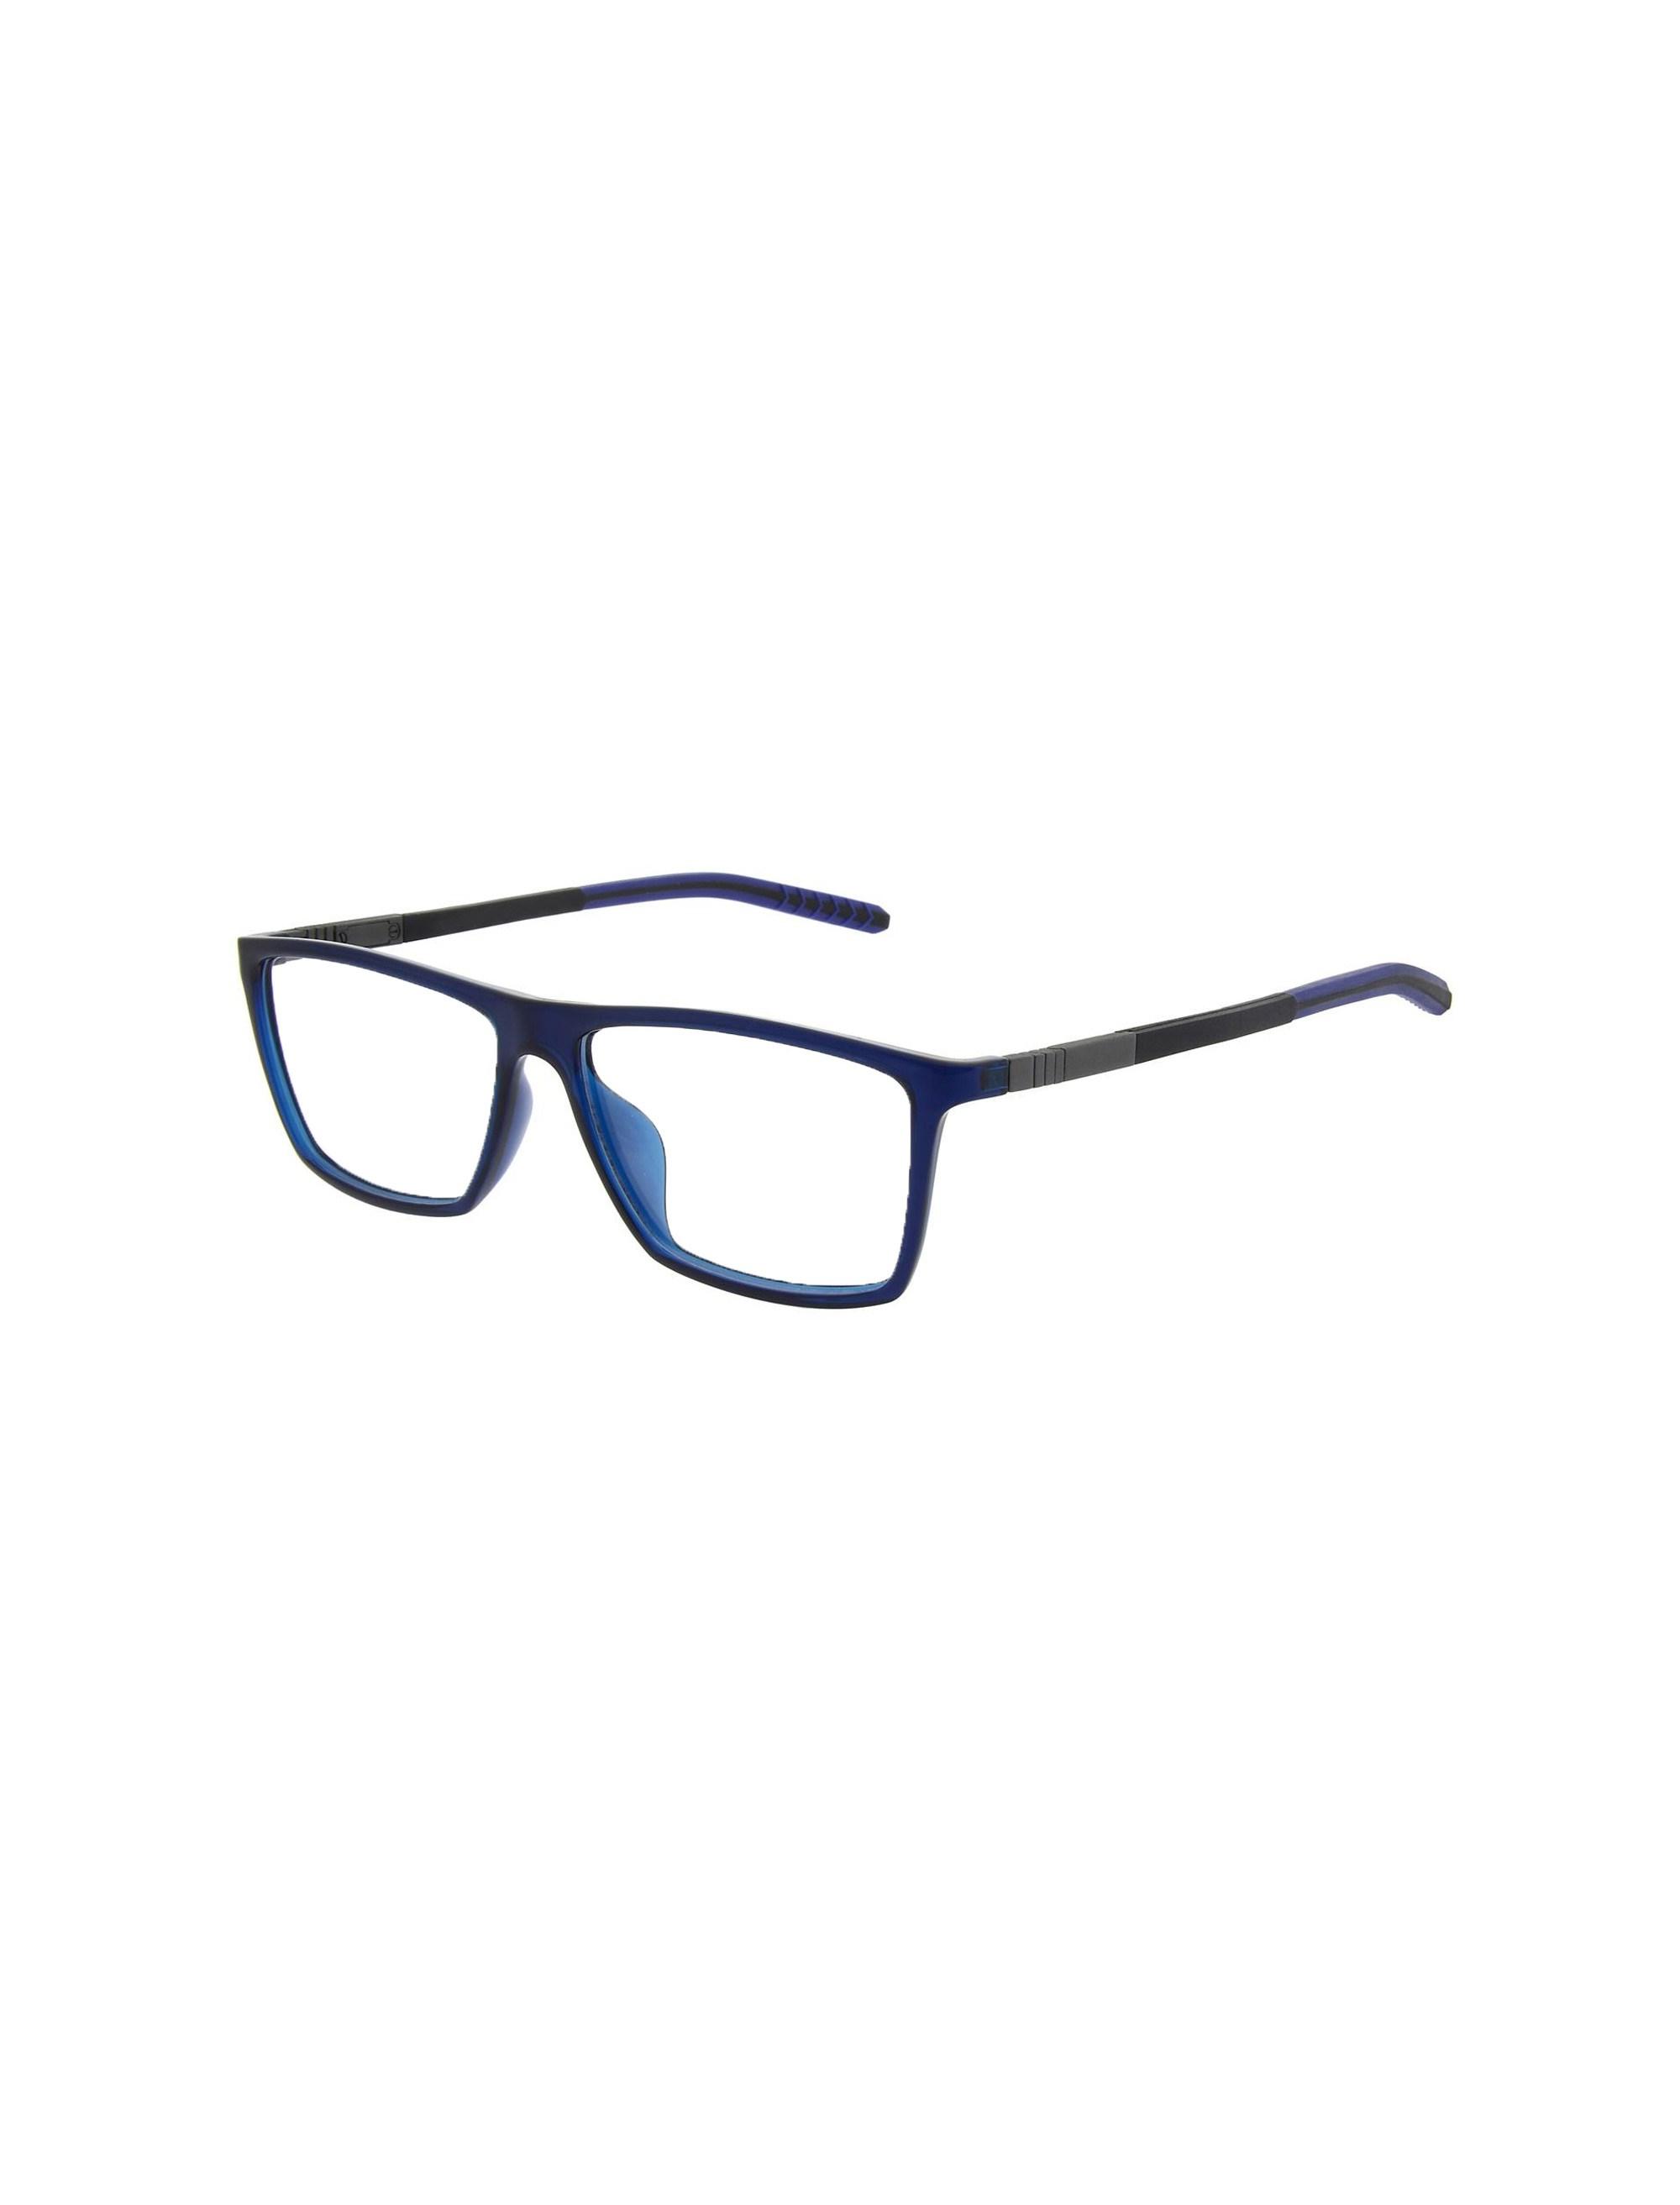 عینک طبی ویفرر مردانه - آبي - 1